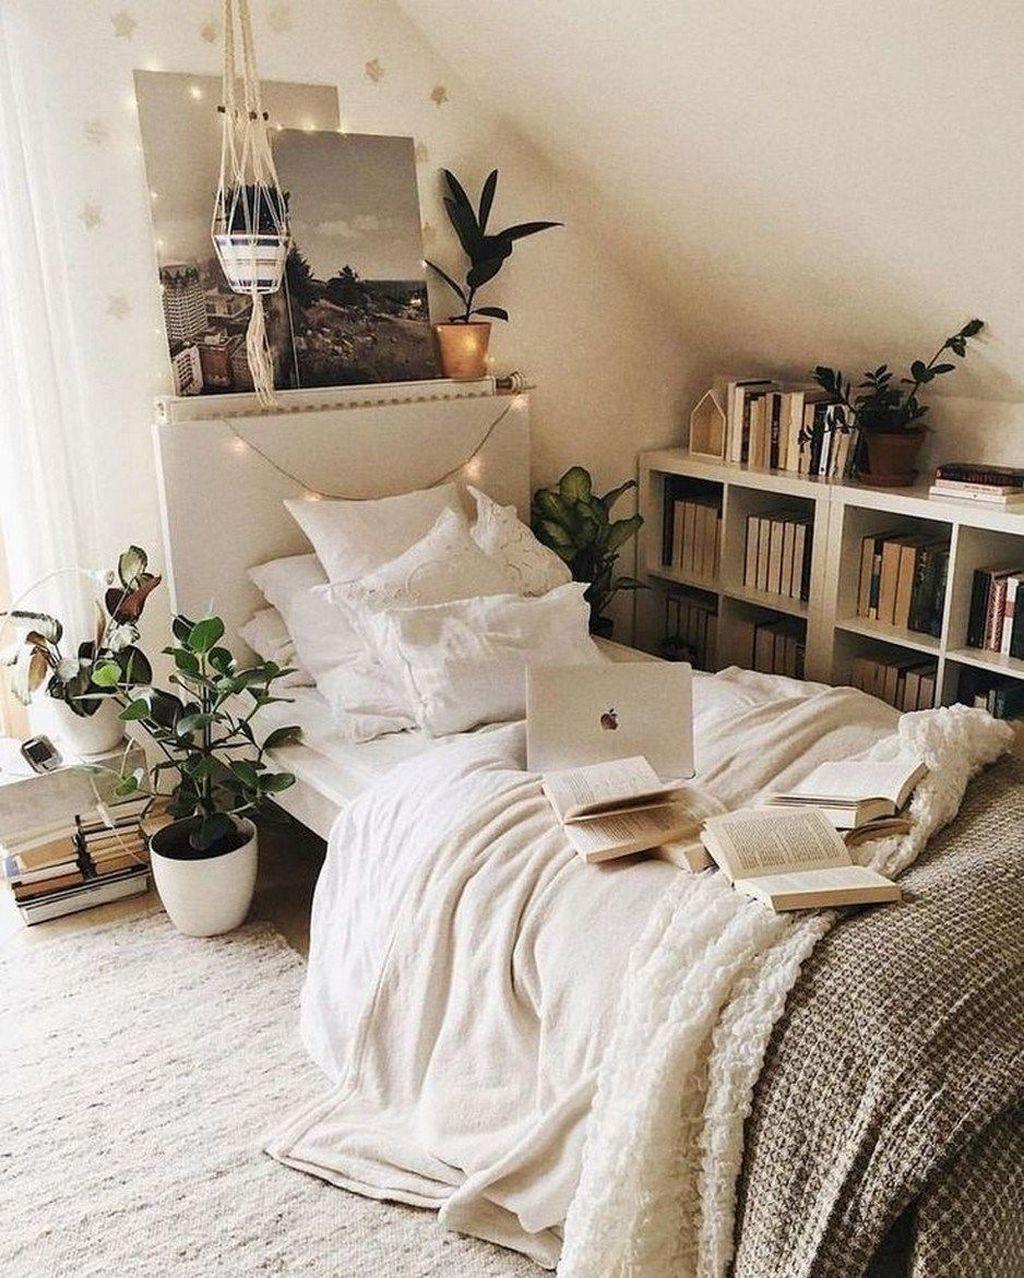 30 Minimalist Bedroom Decoration Ideas That Looks More Cool Cozy Small Bedrooms Small Bedroom Decor Small Room Bedroom